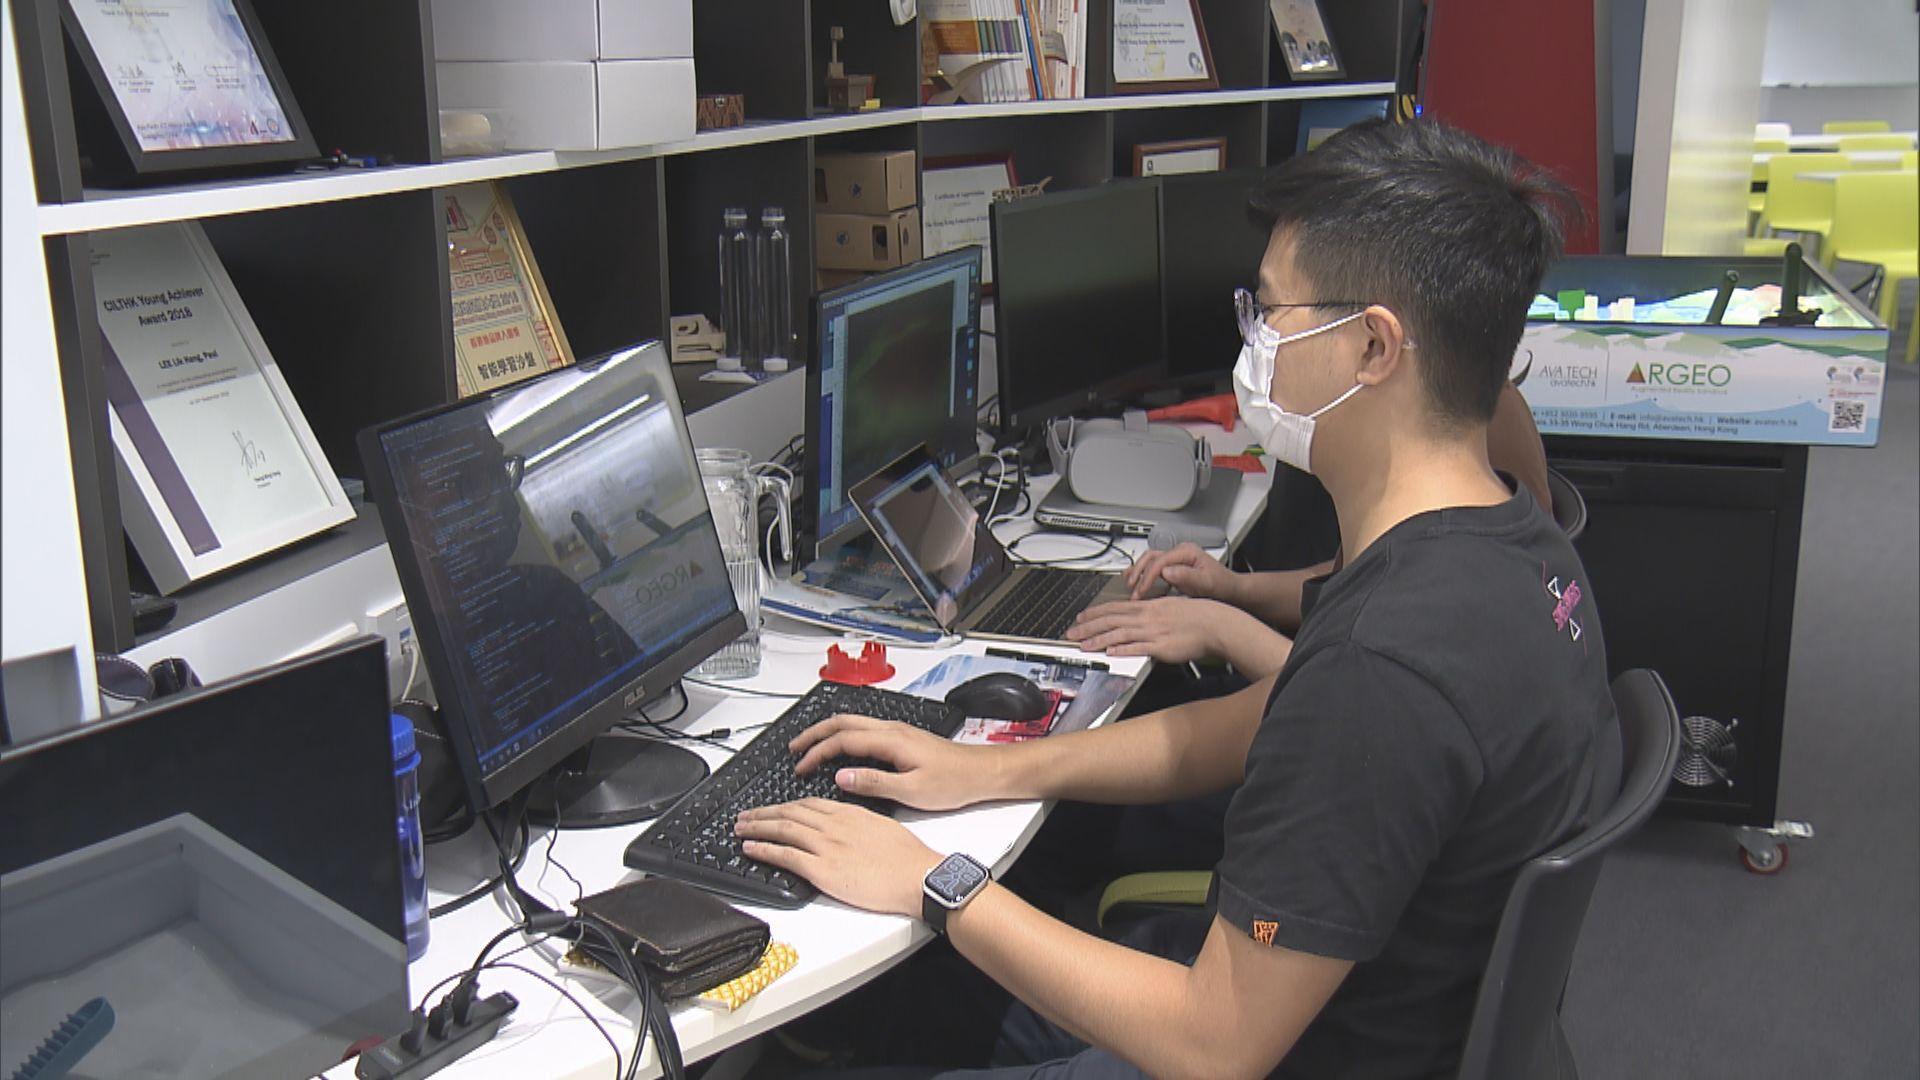 創科業界:港對人才需求大 大灣區就業未必吸引